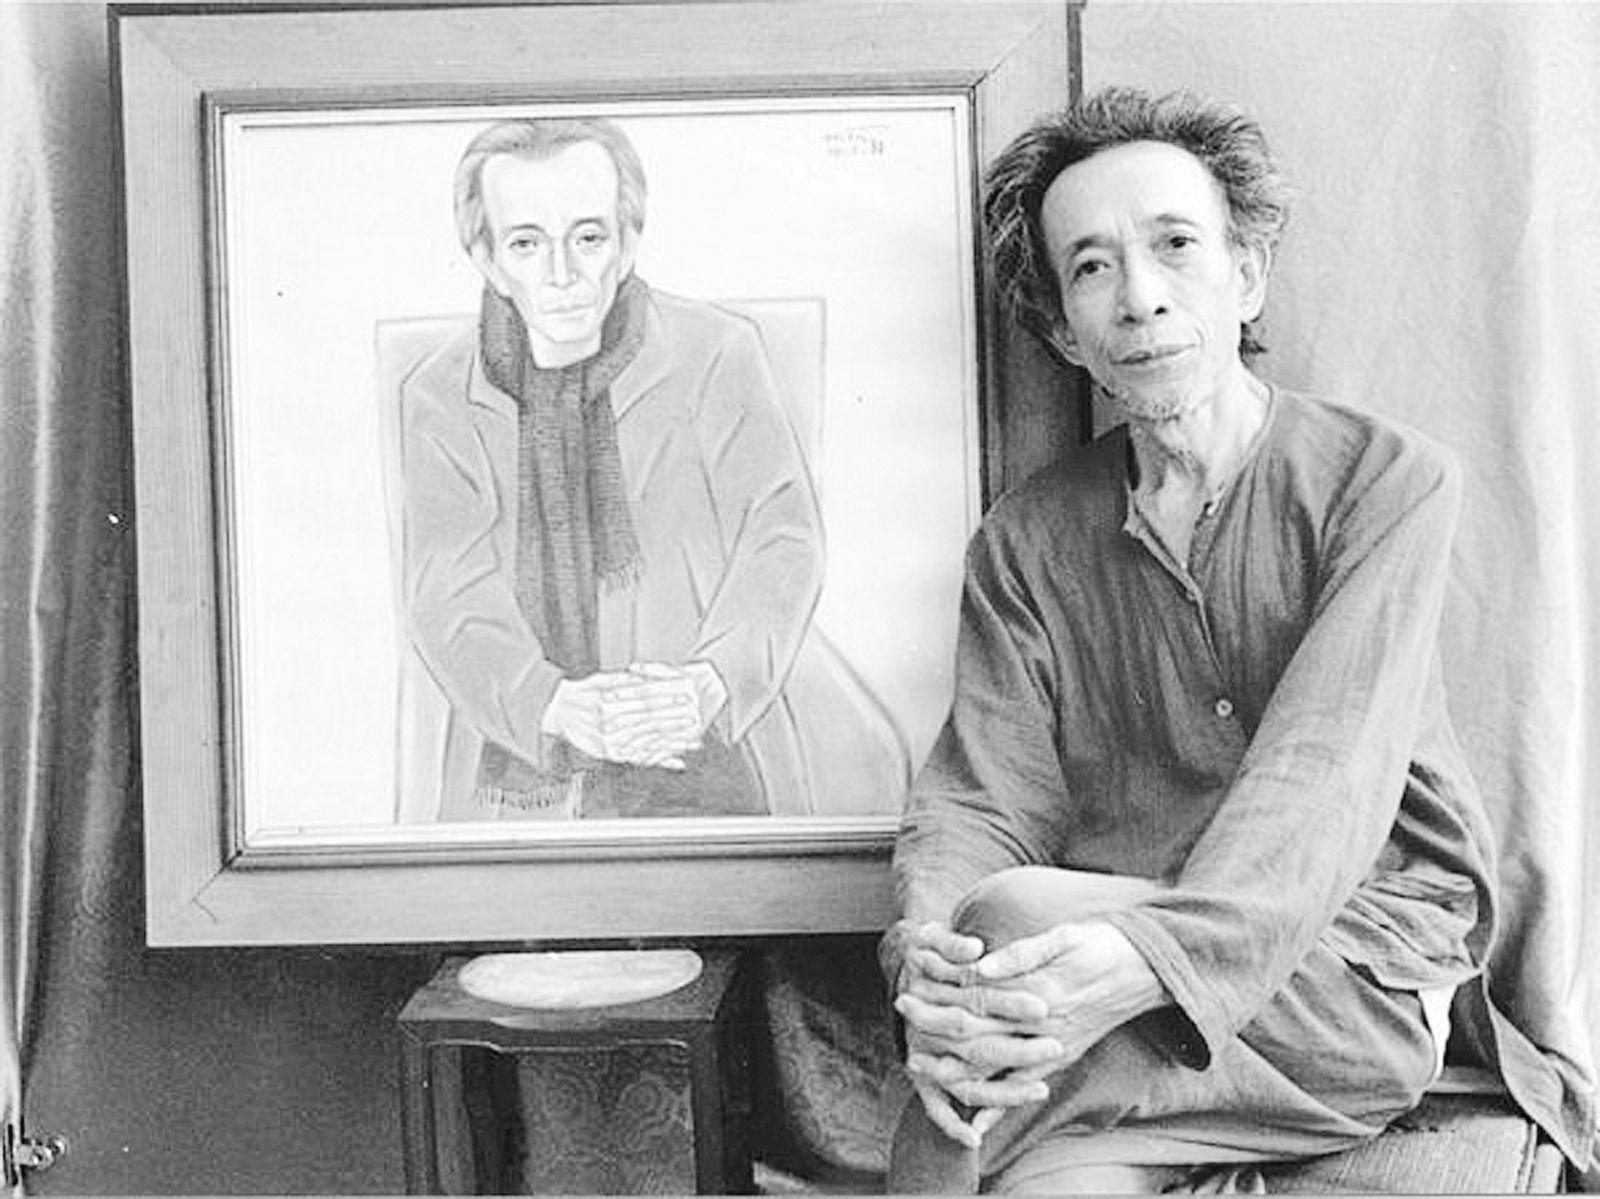 Bí ẩn về món quà cuối cùng của Kim Lân tặng nhà văn Nguyễn Tuân